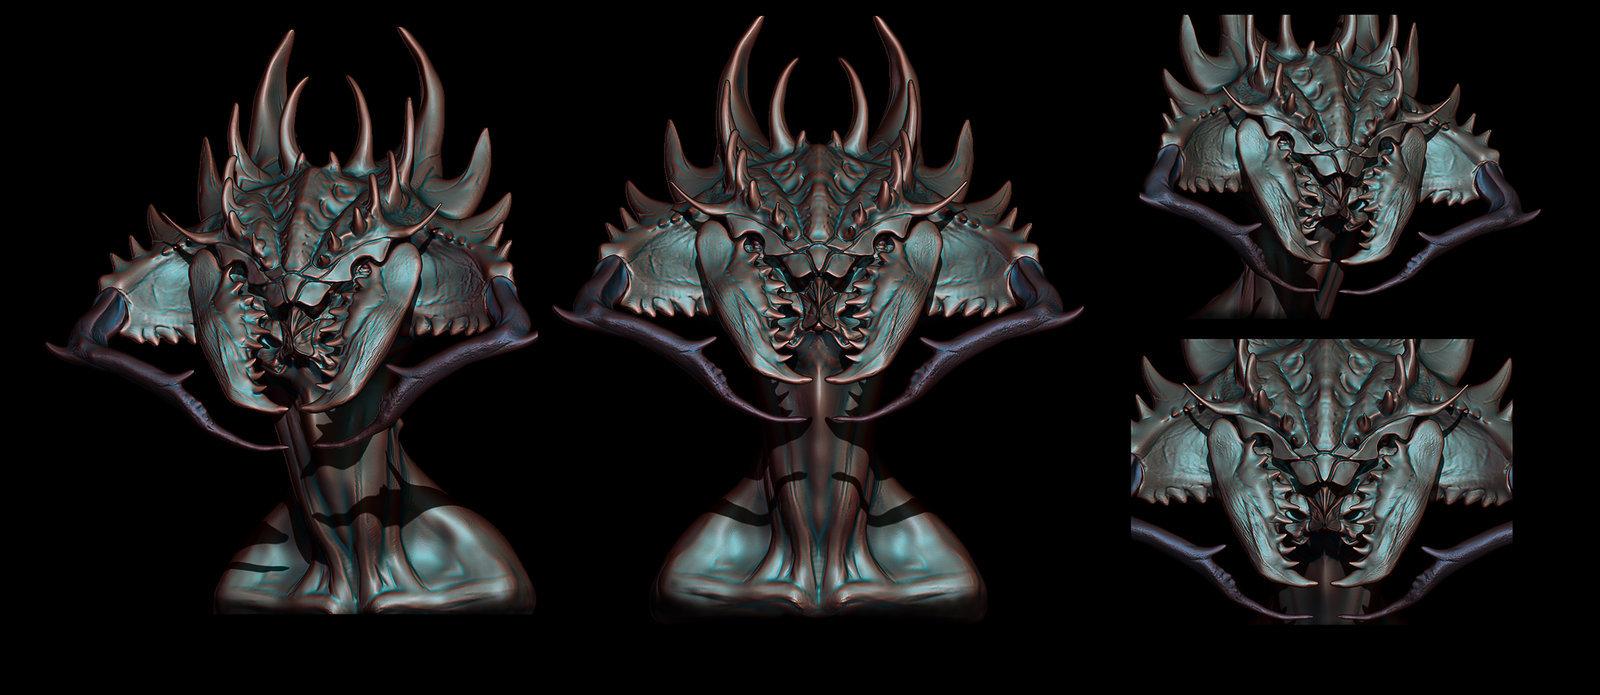 Creature 2 by apeirondiesirae d7ydq5z